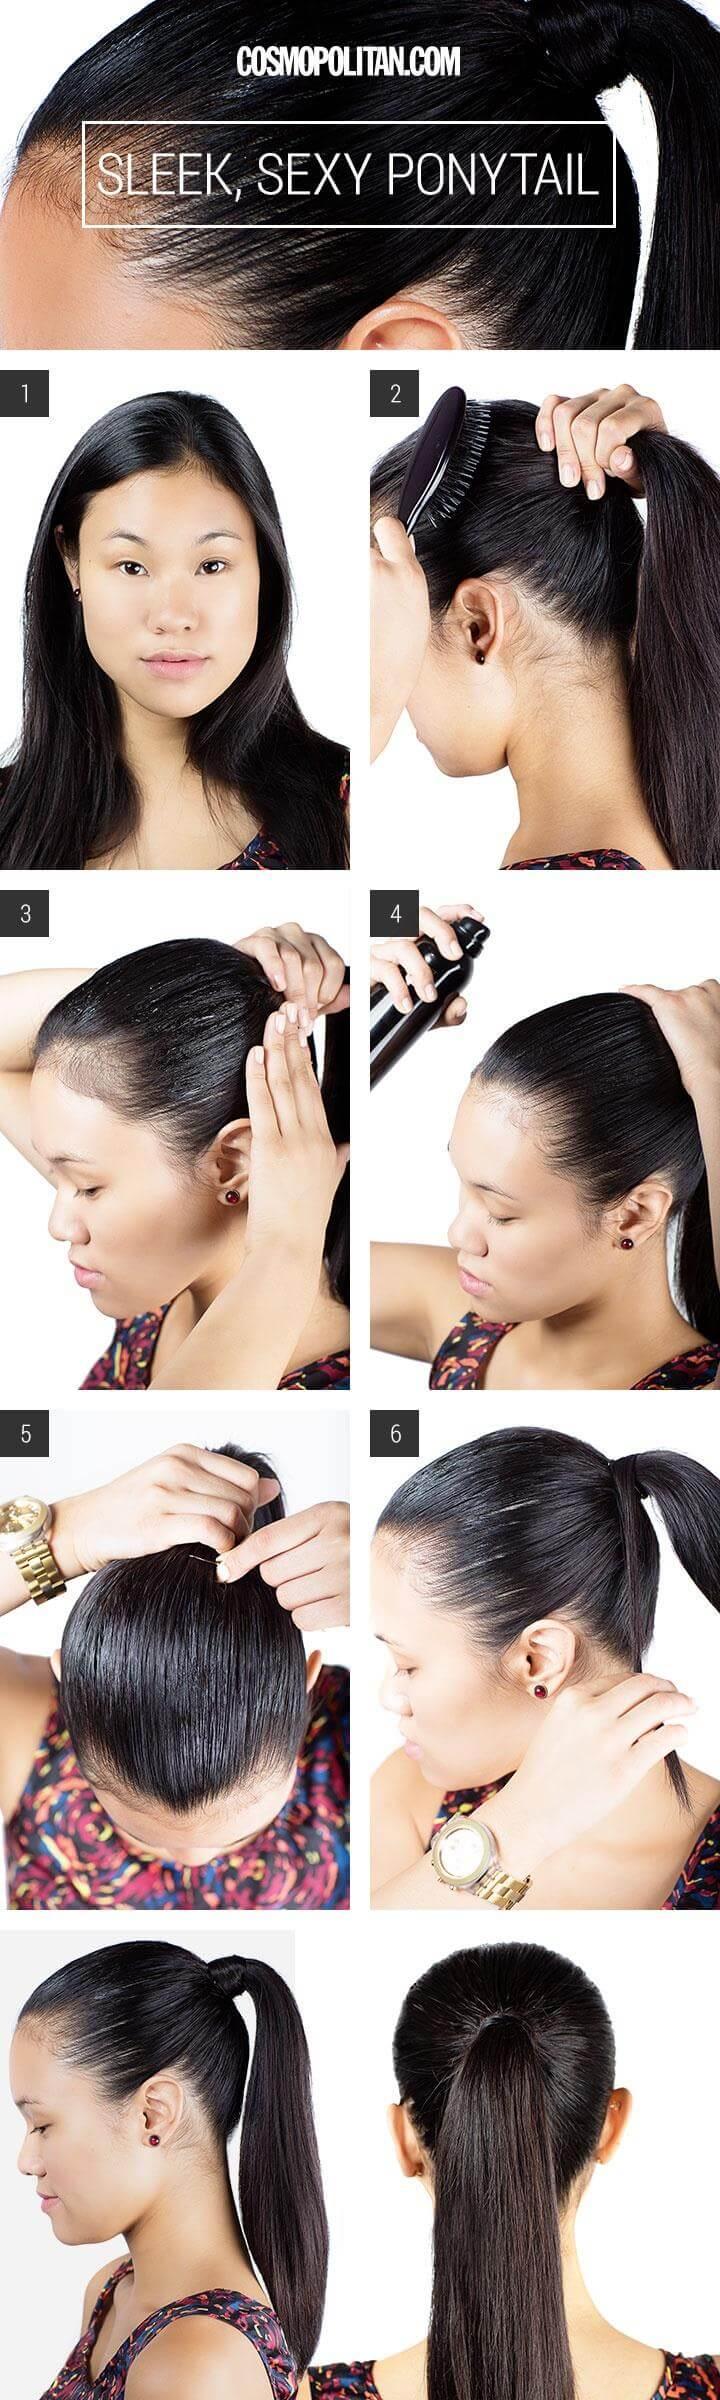 awesome slicked-back sleek ponytail hairstyle